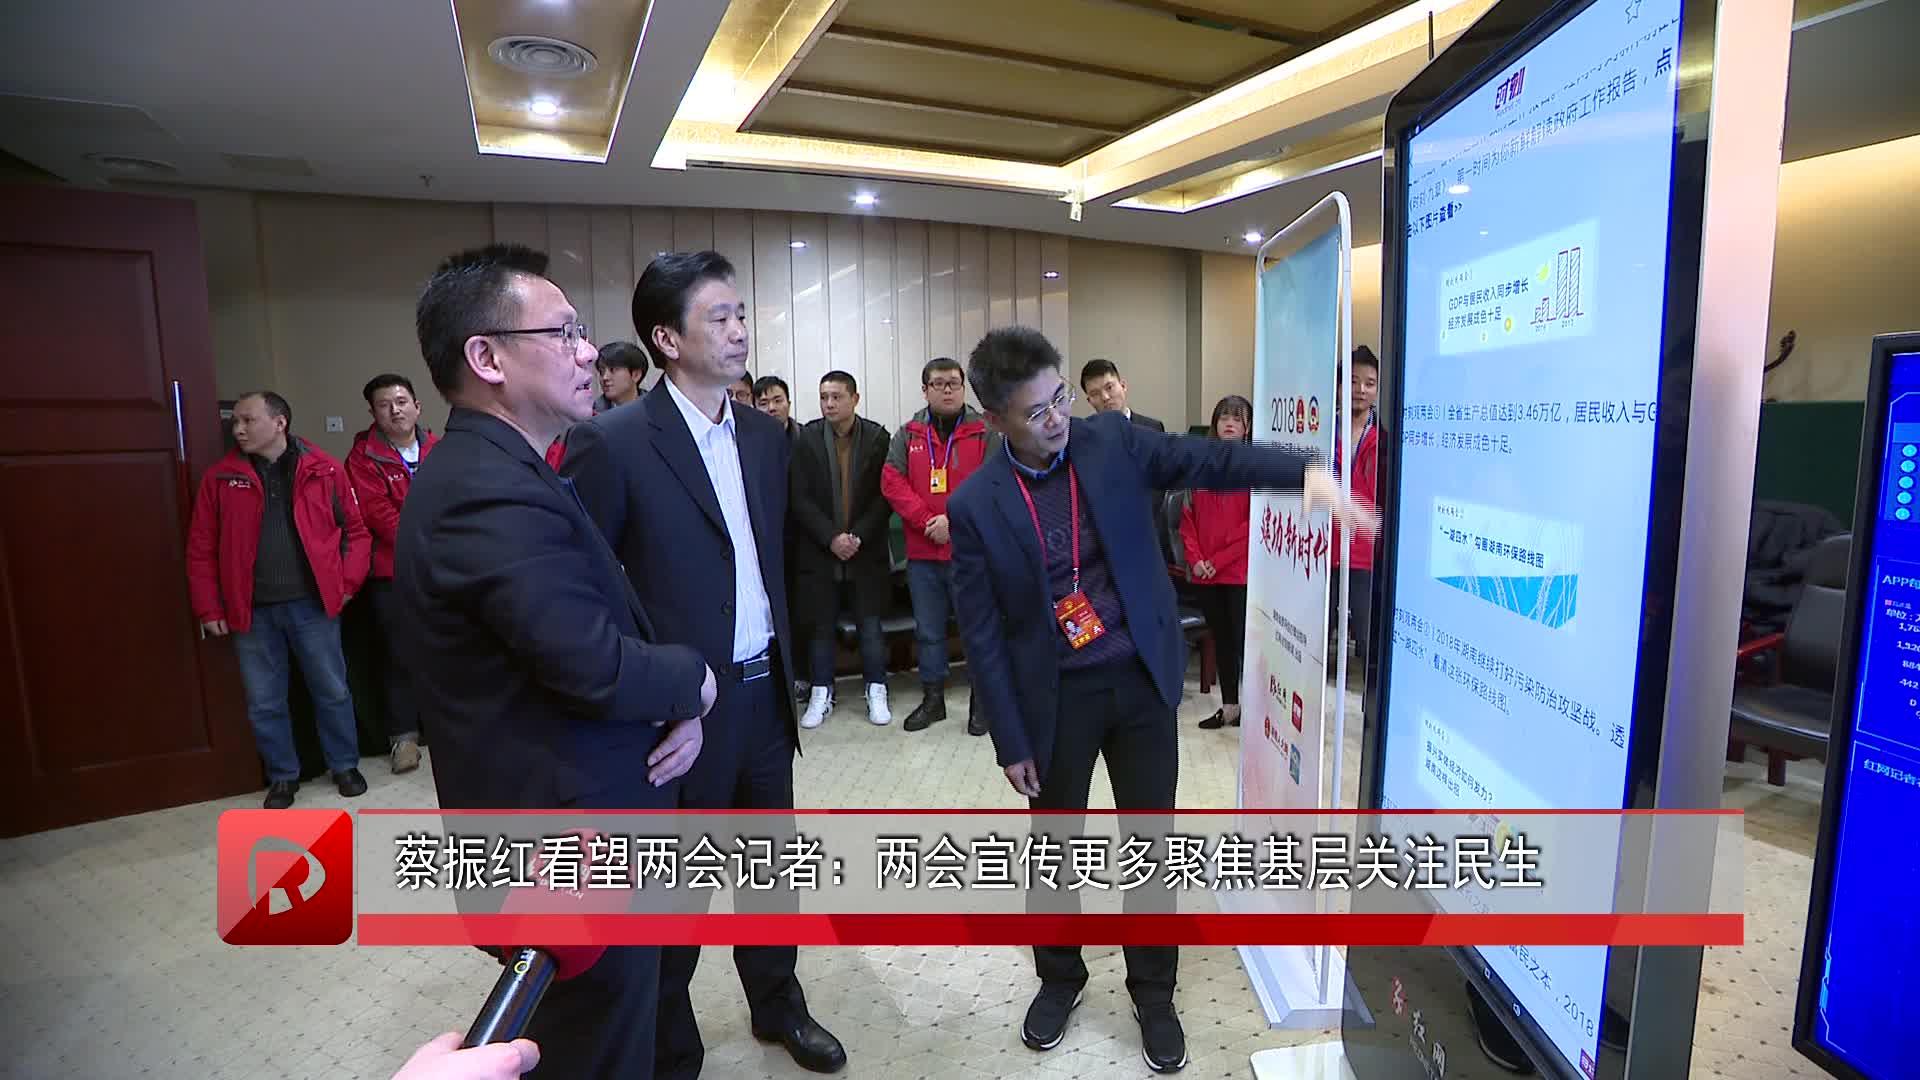 蔡振红看望两会记者:两会宣传更多聚焦基层关注民生